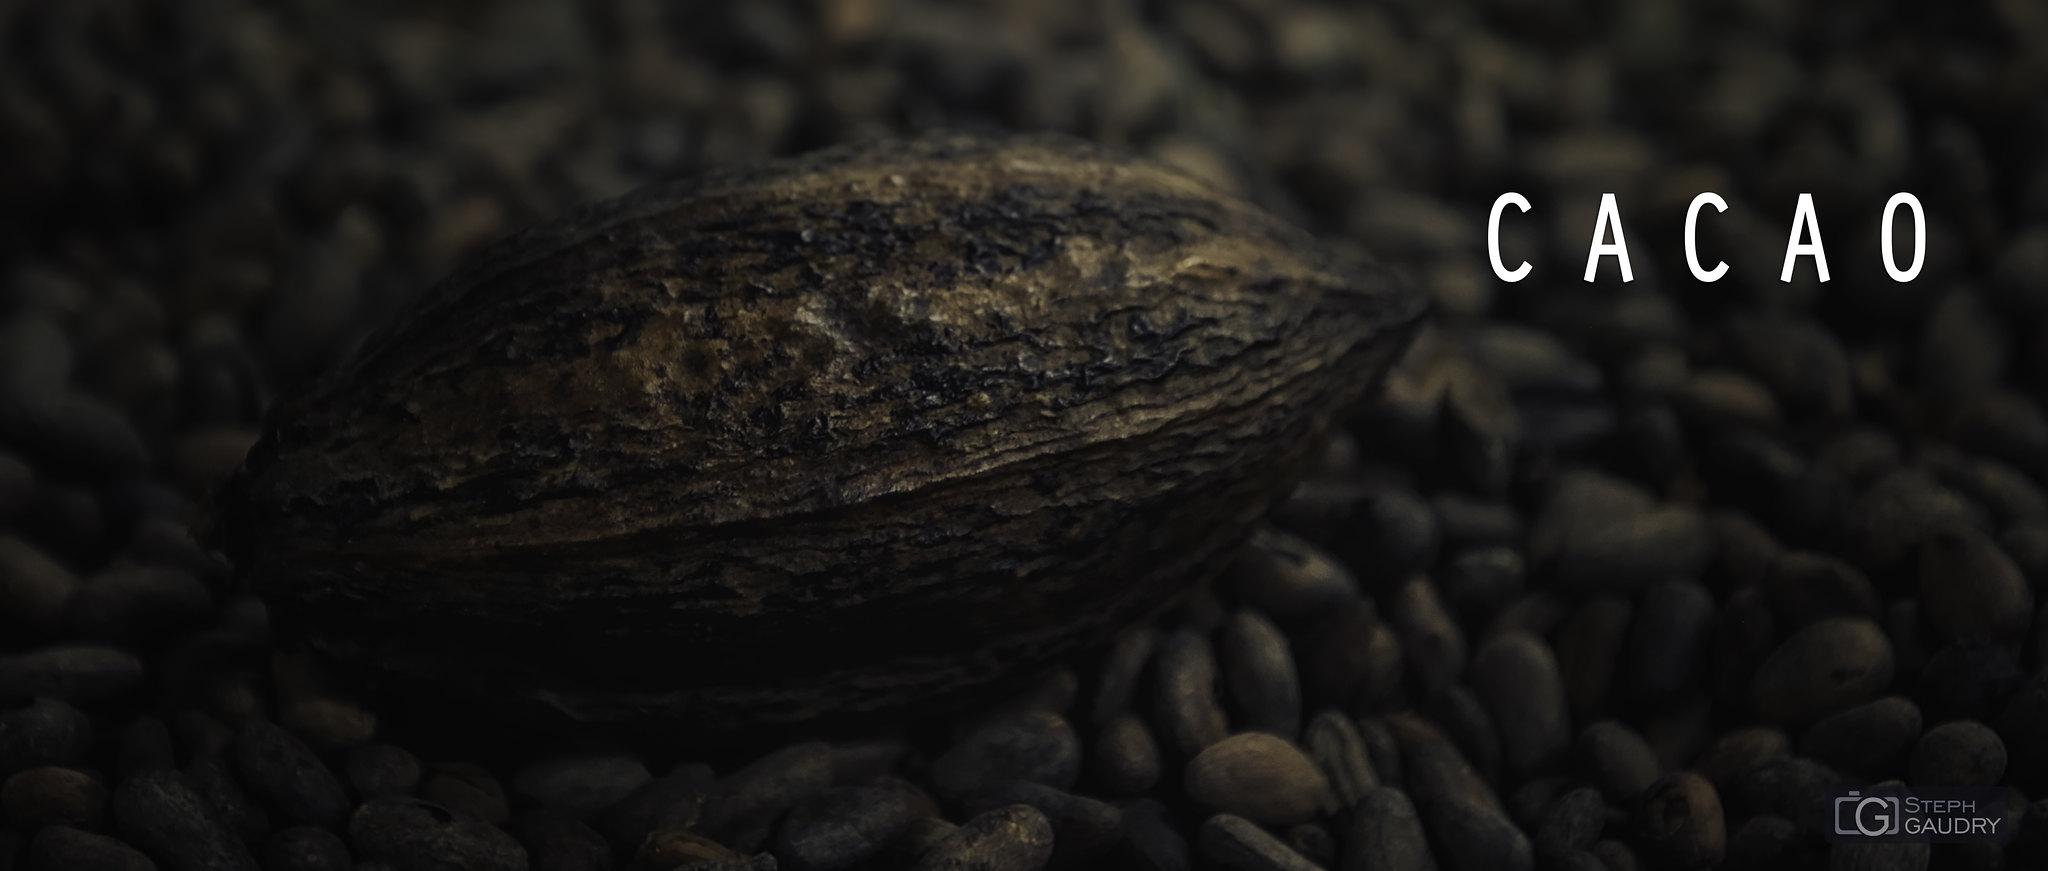 Cacao [Klik om de diavoorstelling te starten]